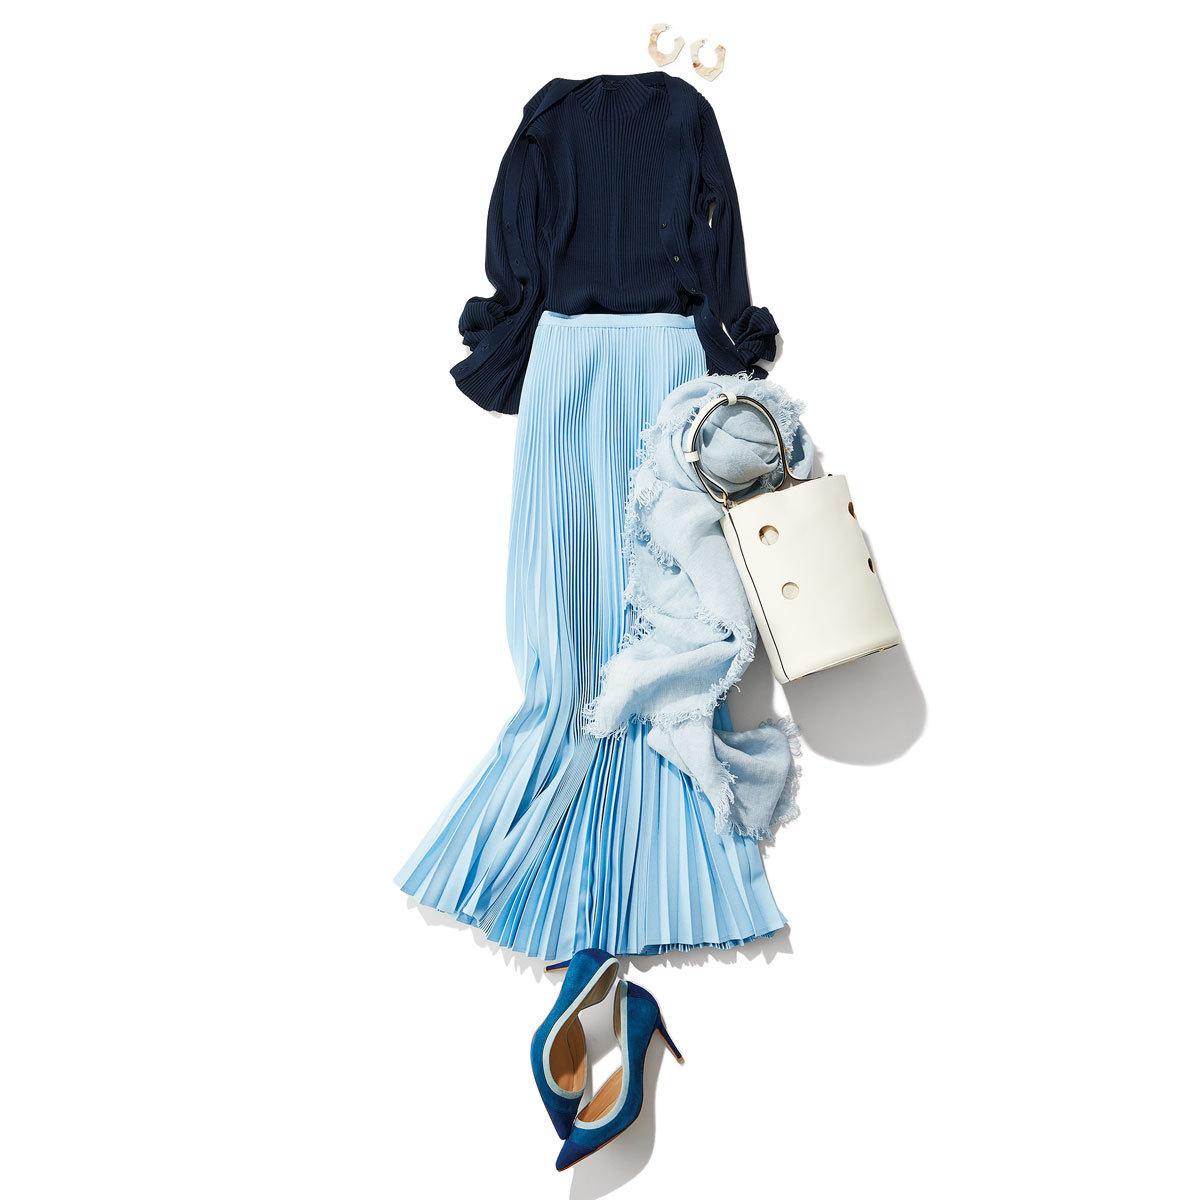 ツインニット×きれい色プリーツスカートの羽織ものコーデ